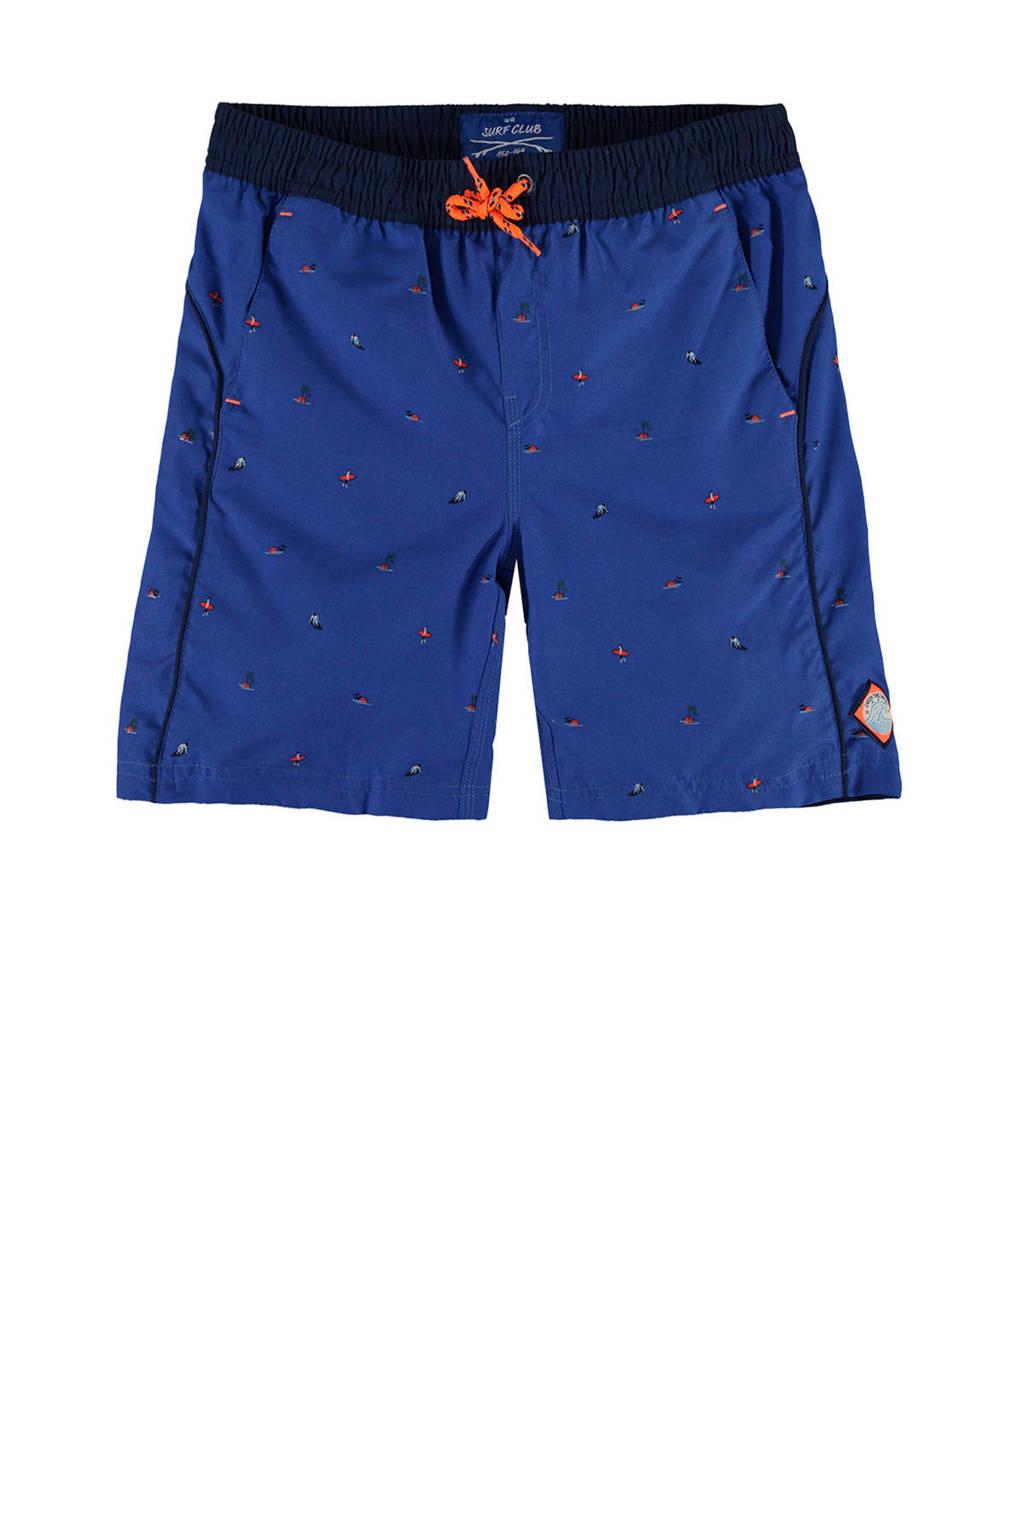 WE Fashion zwemshort met print blauw, Kobalt